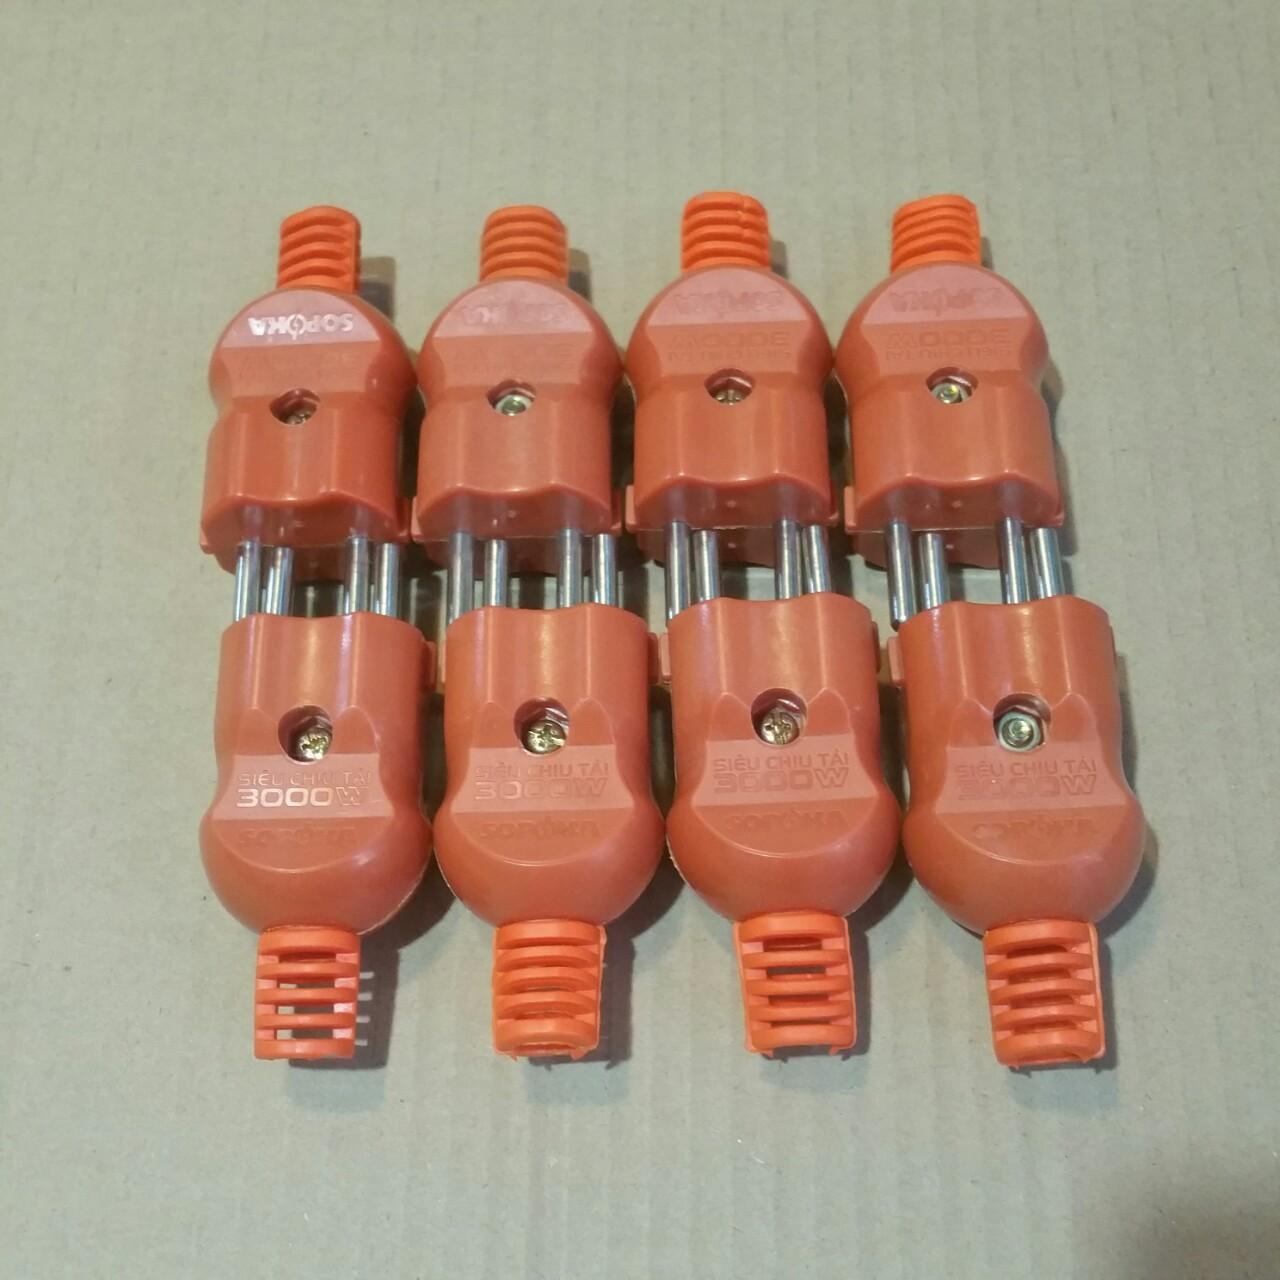 Bộ 8 cái phích cắm siêu tải 3000W SOPOKA- Model P3000W 2+ giá rẻ